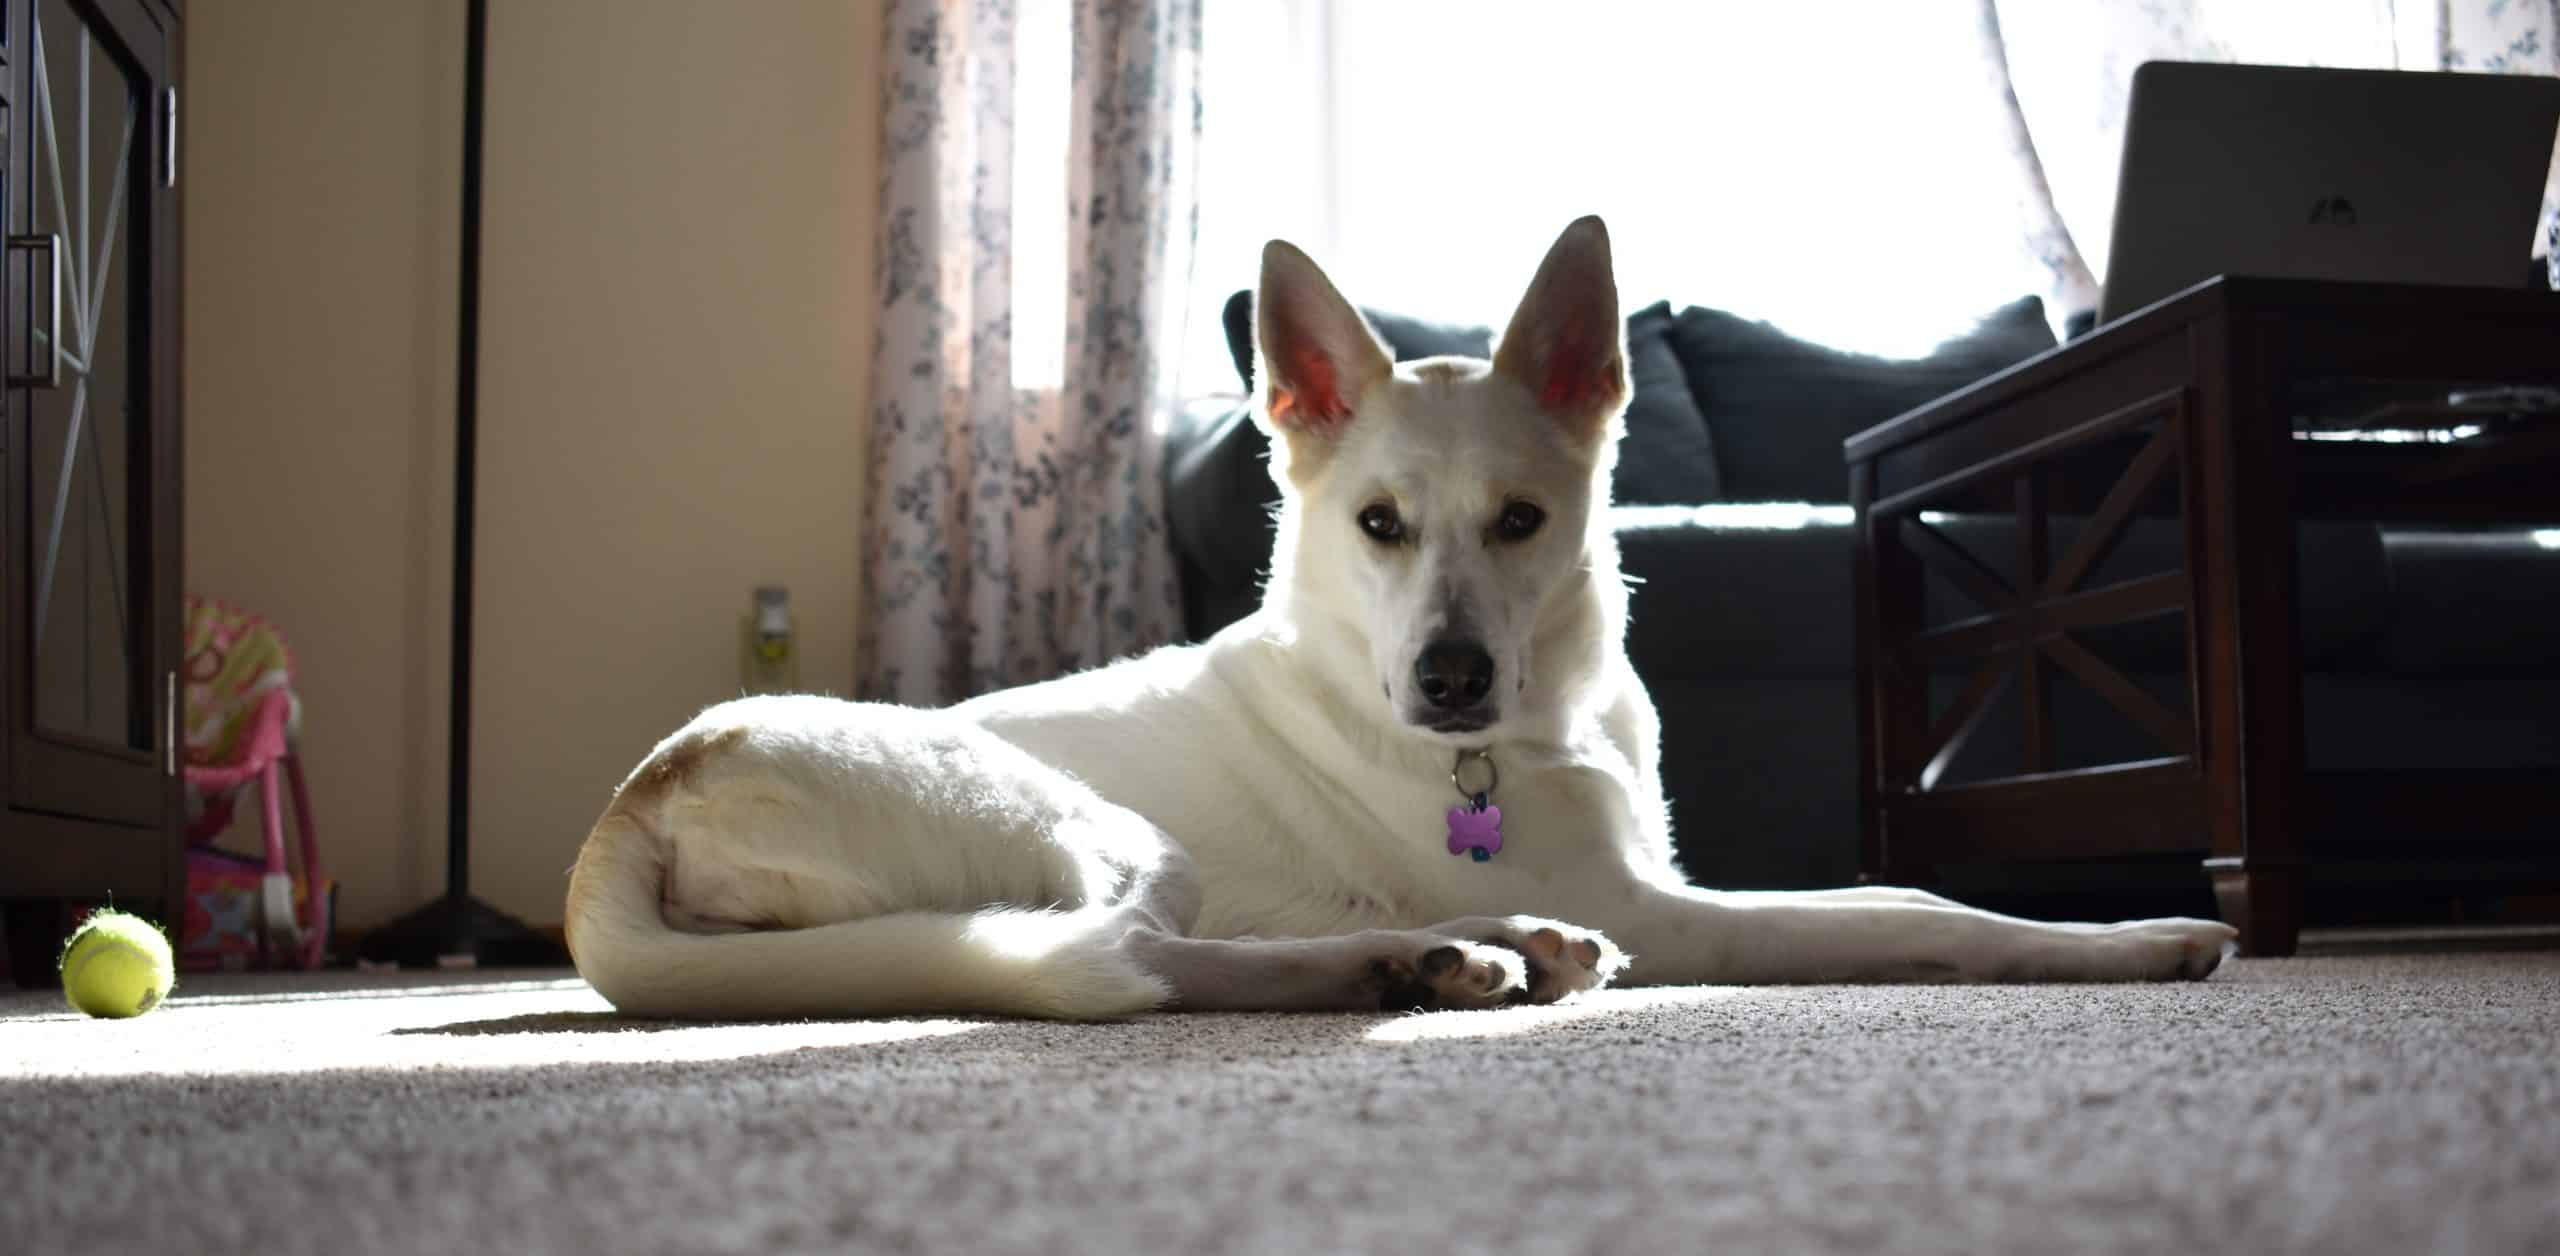 sasha dog woof whiskers